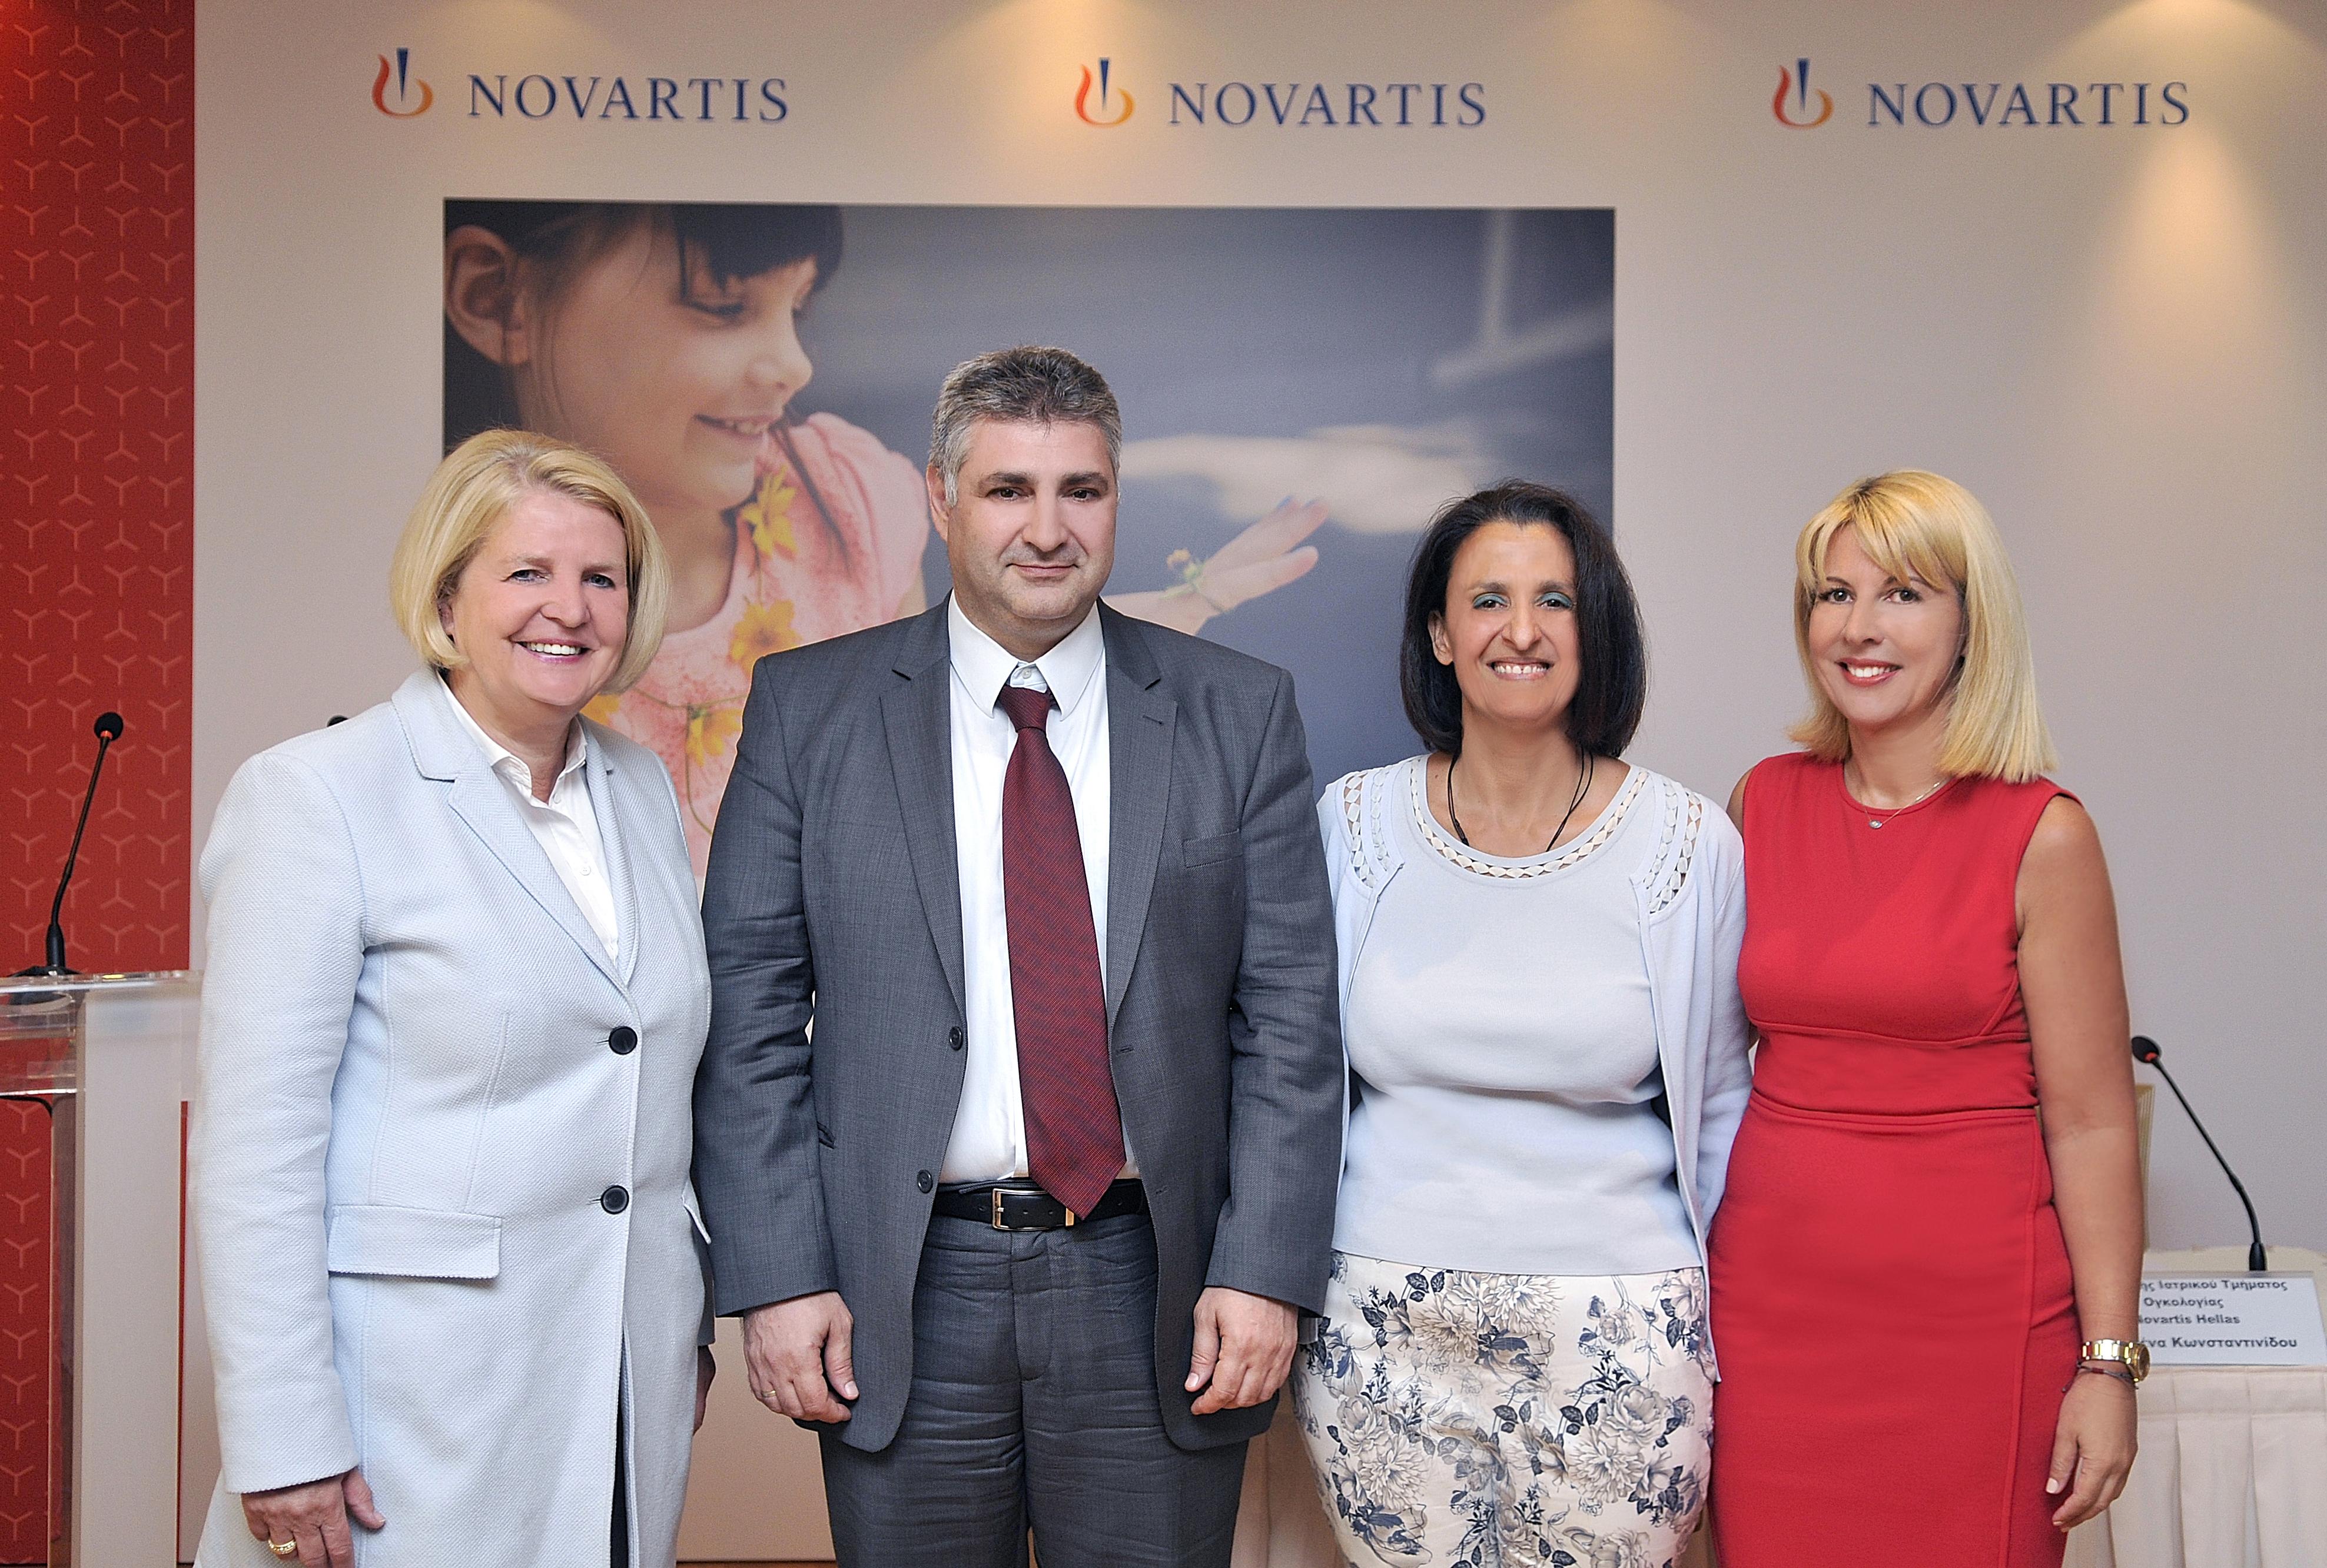 Παρουσίαση της Έκθεσης Εταιρικής Υπευθυνότητας της Novartis Hellas για τη διετία 2016-2017